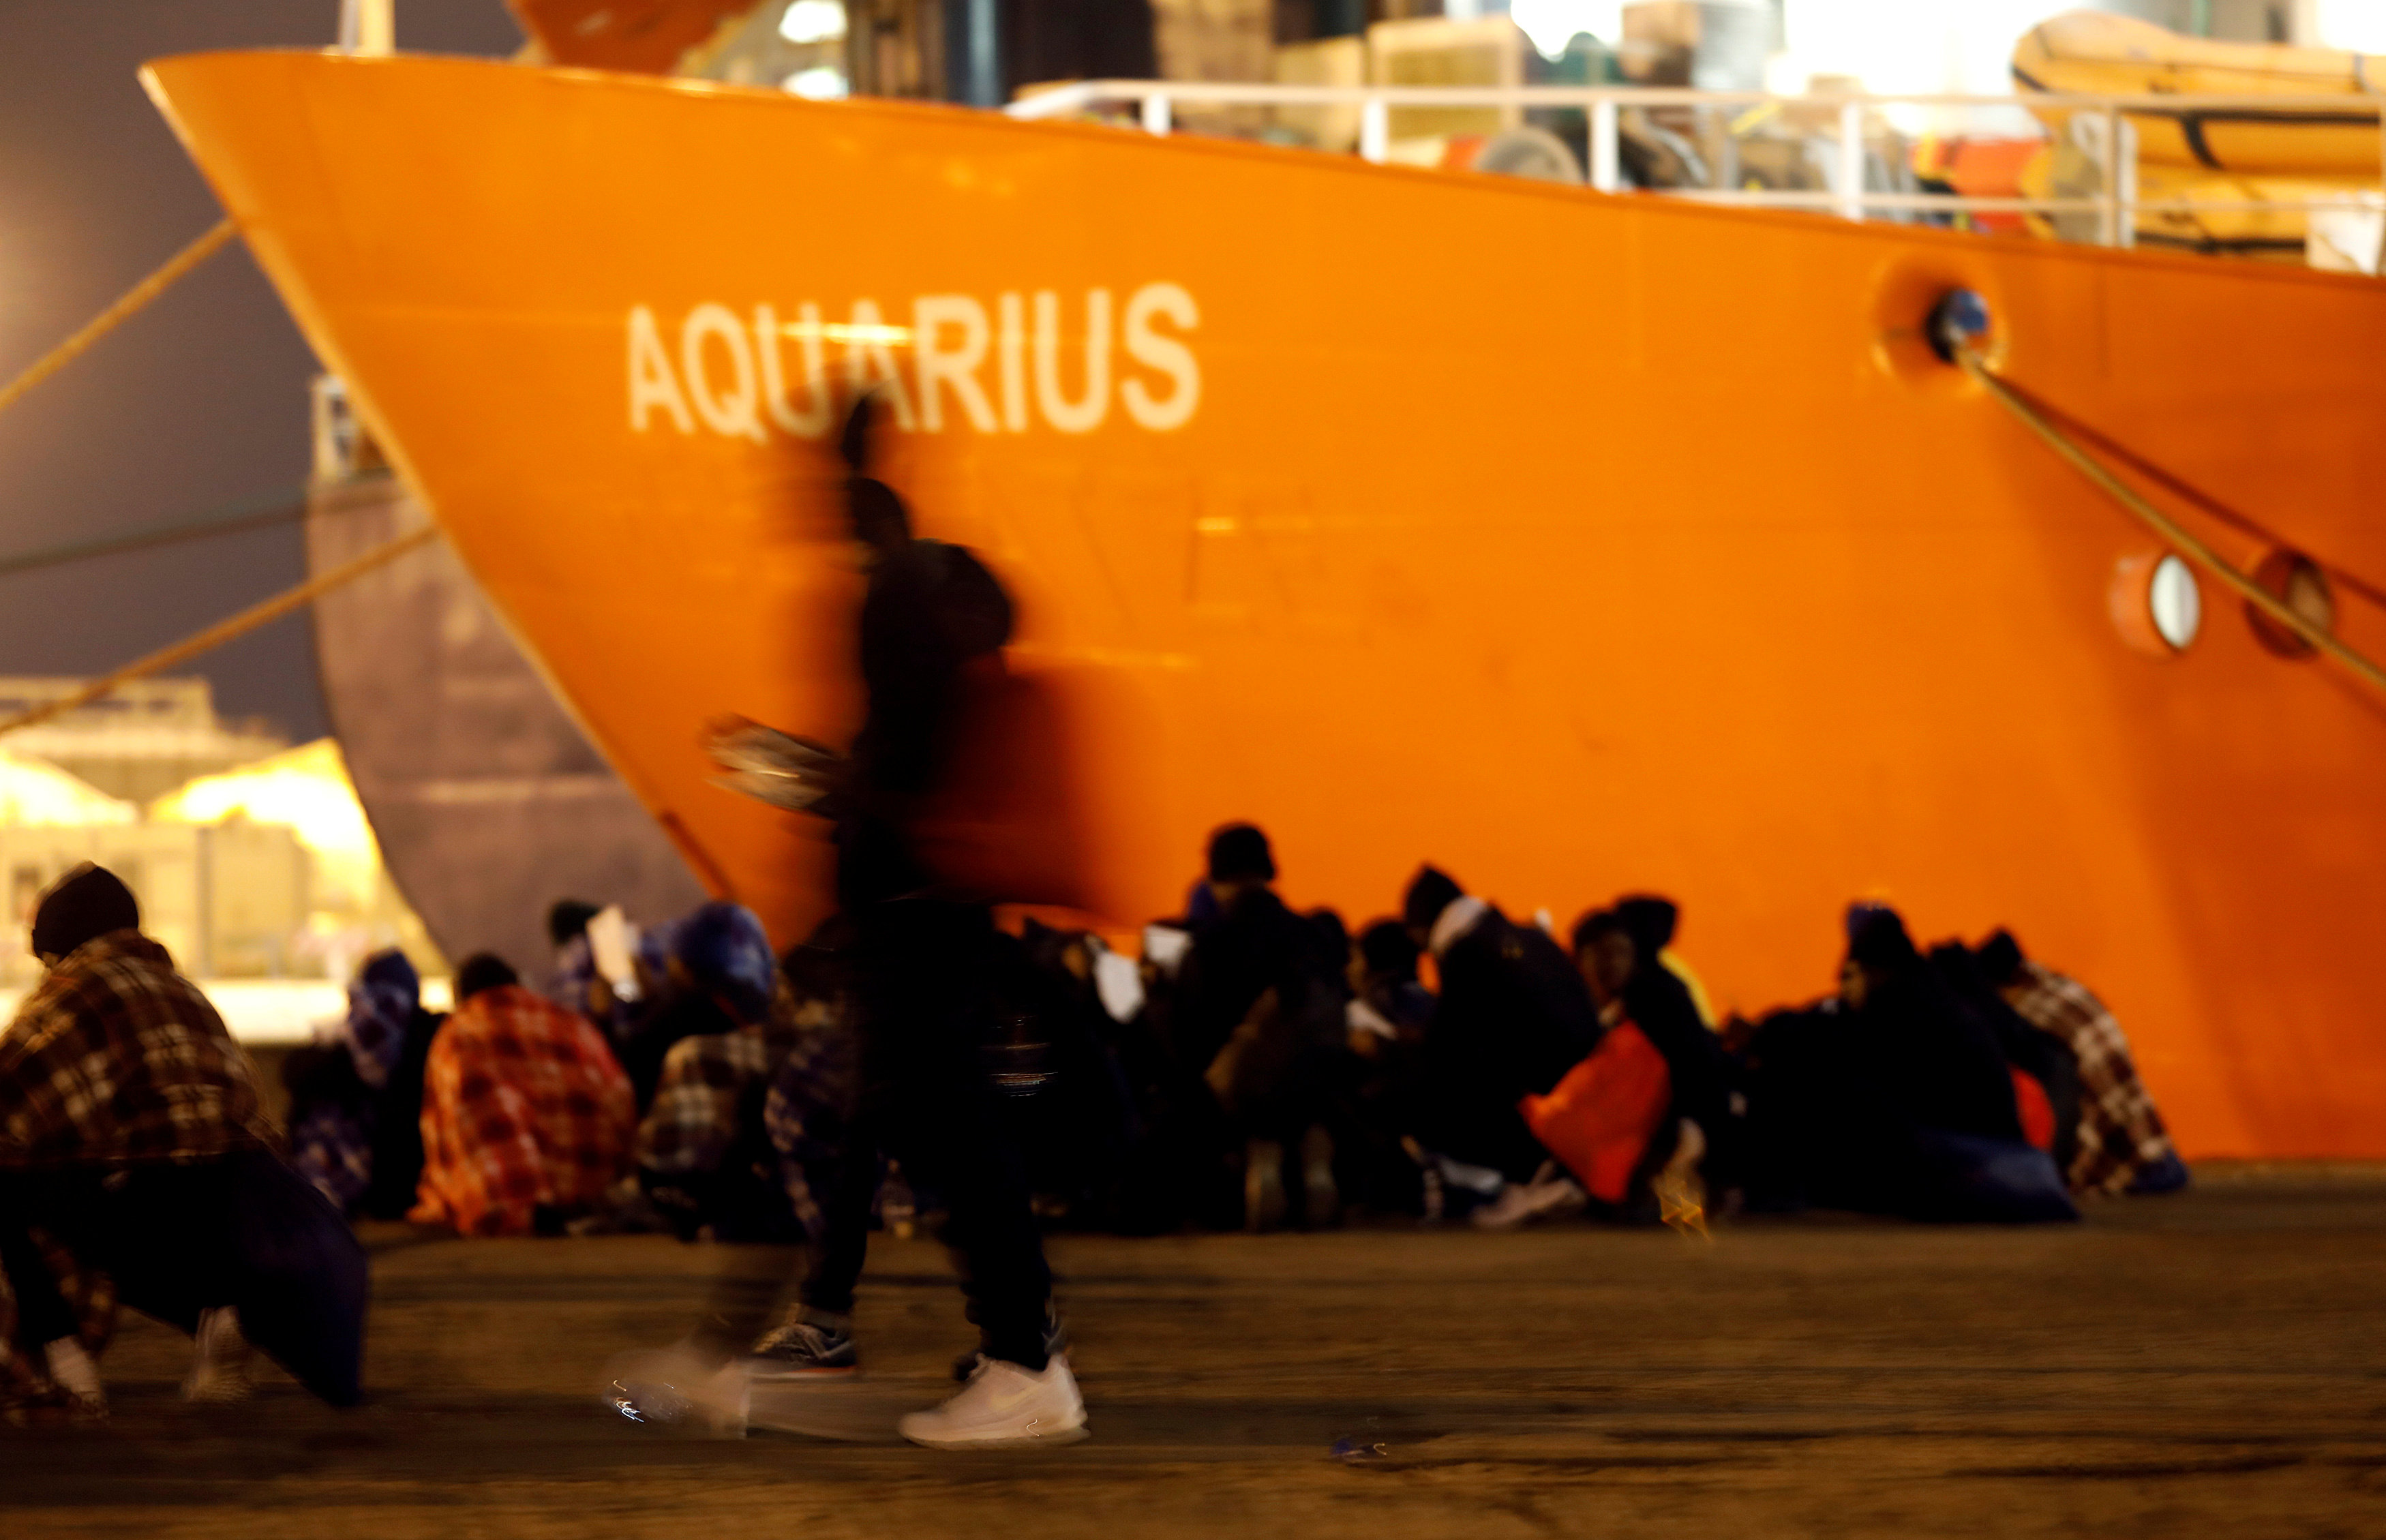 Italia ya restringe desembarco de buques de rescate que arriban con inmigrantes